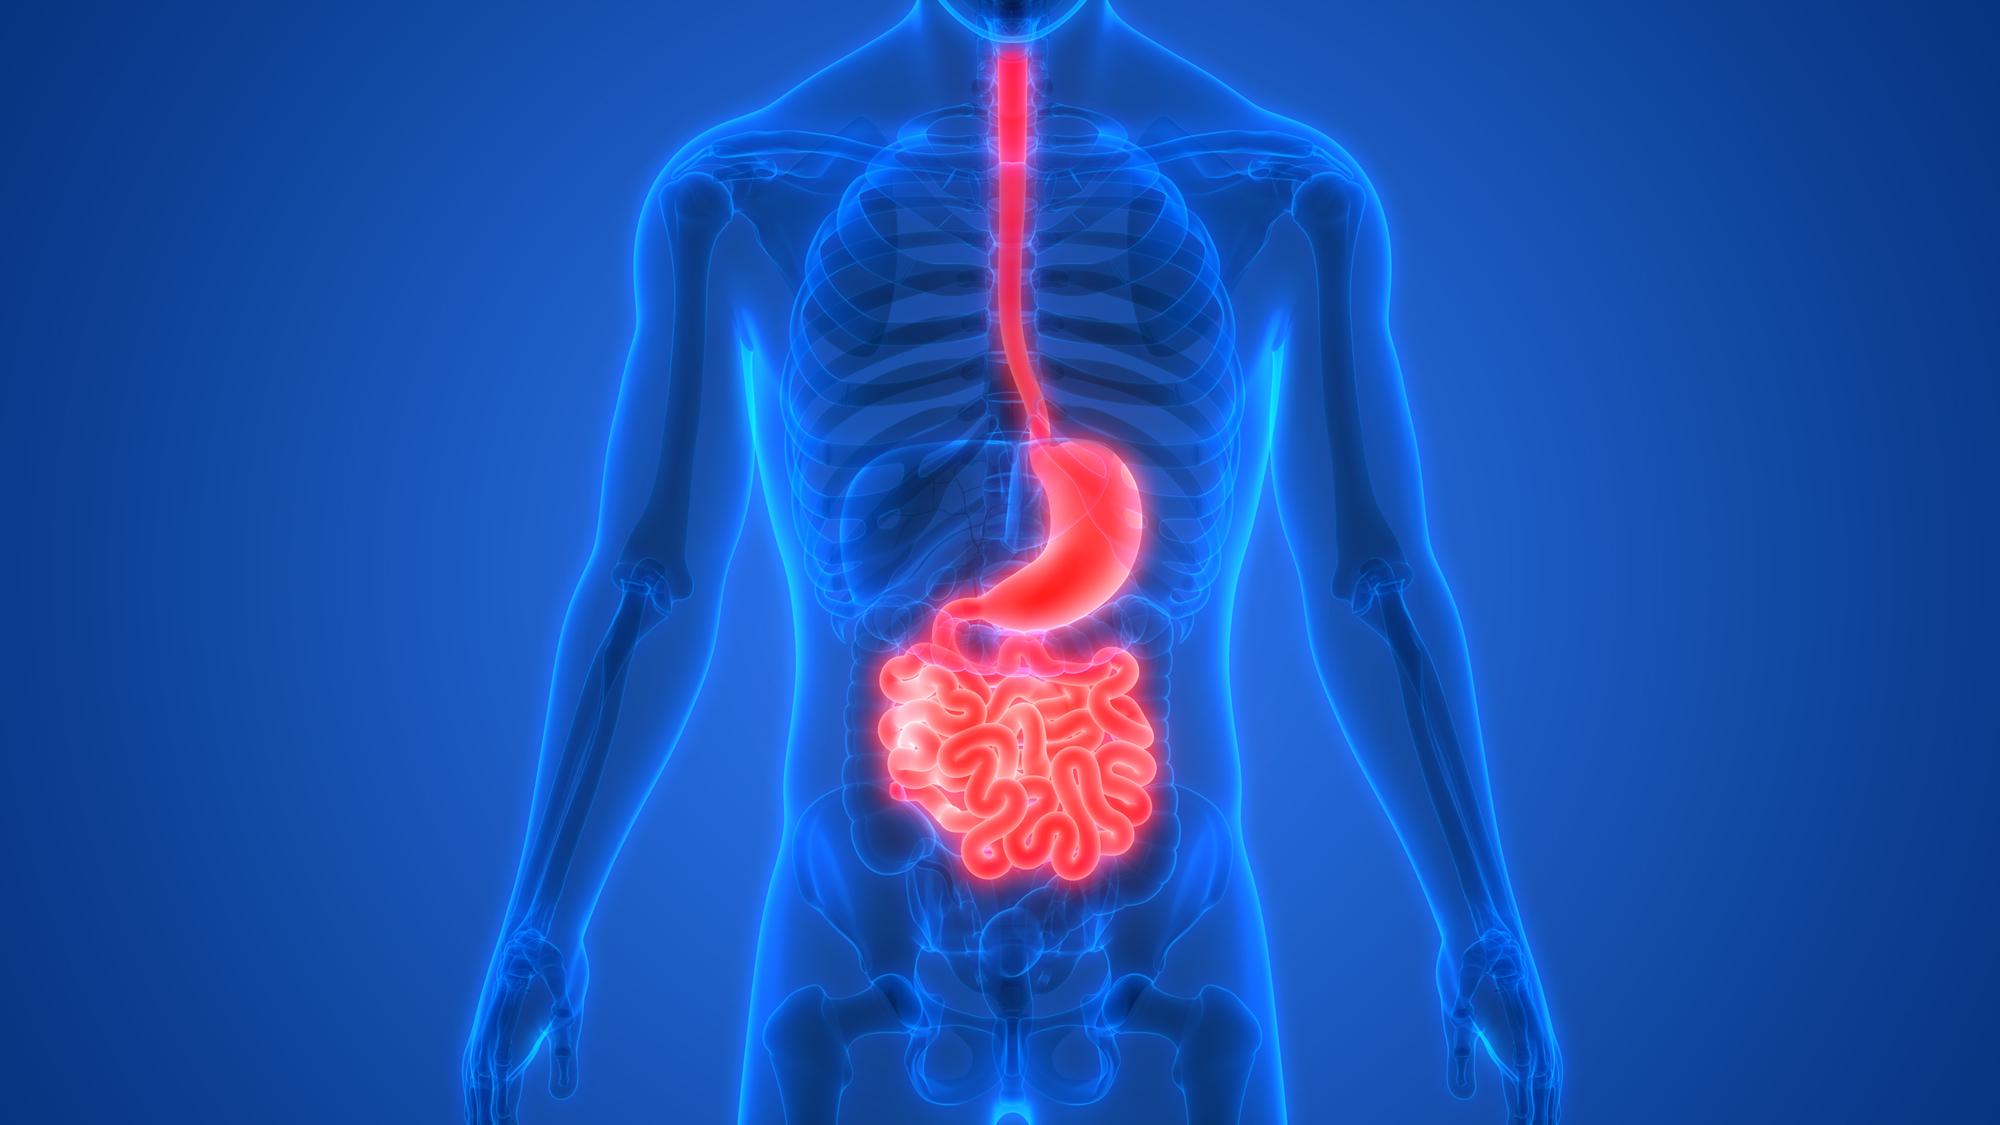 Localizado entre o íleo e o cólon, o ceco é responsável por receber o conteúdo do intestino delgado e iniciar a reabsorção de água que ocorre no intestino grosso.